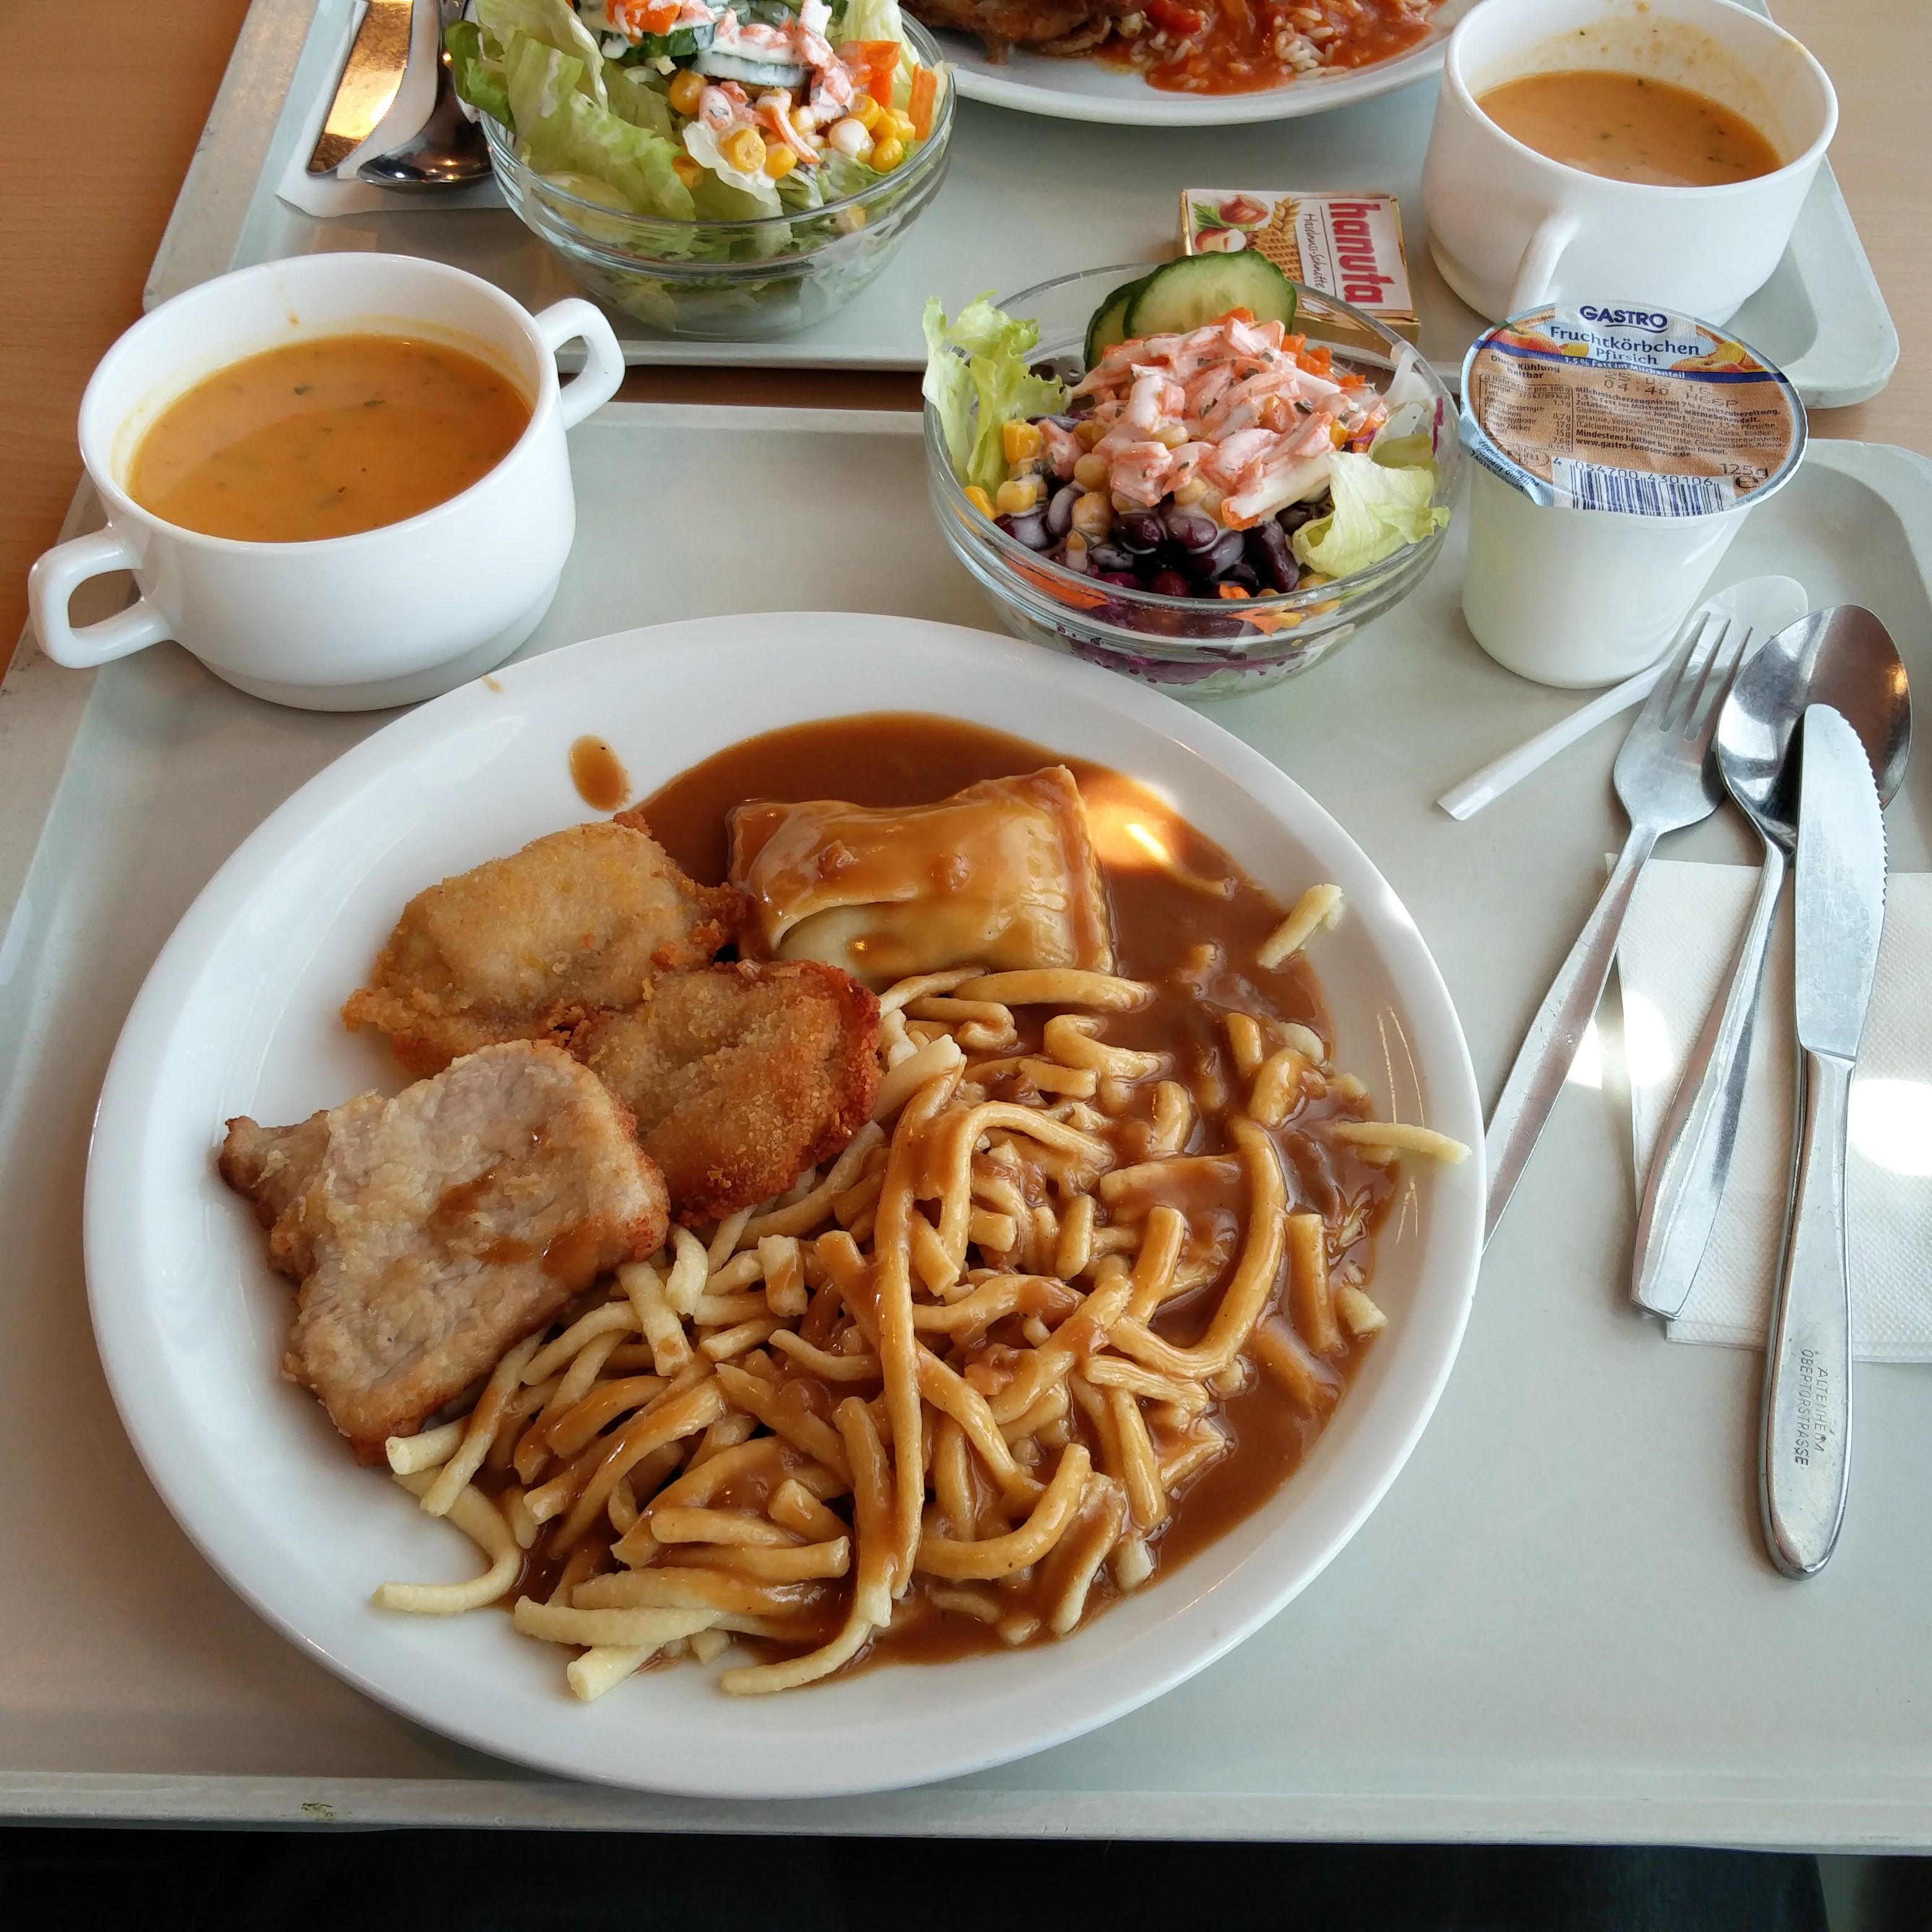 http://foodloader.net/nico_2016-08-11_schwabenteller-mit-spaetzle-suppe-salat-und-joghurt.jpg